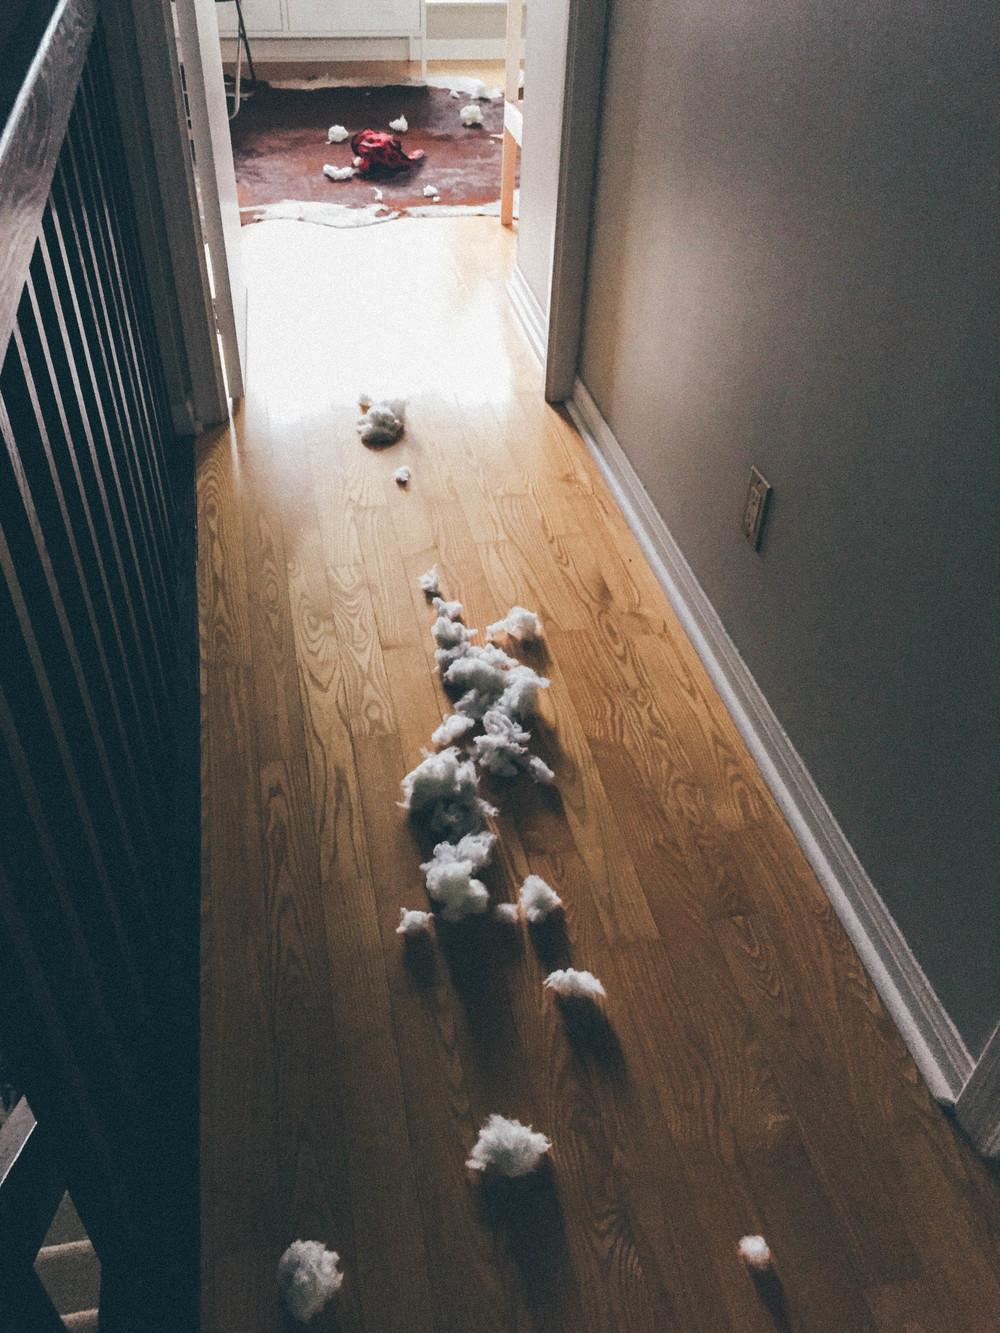 Scene of the crime, per Jack